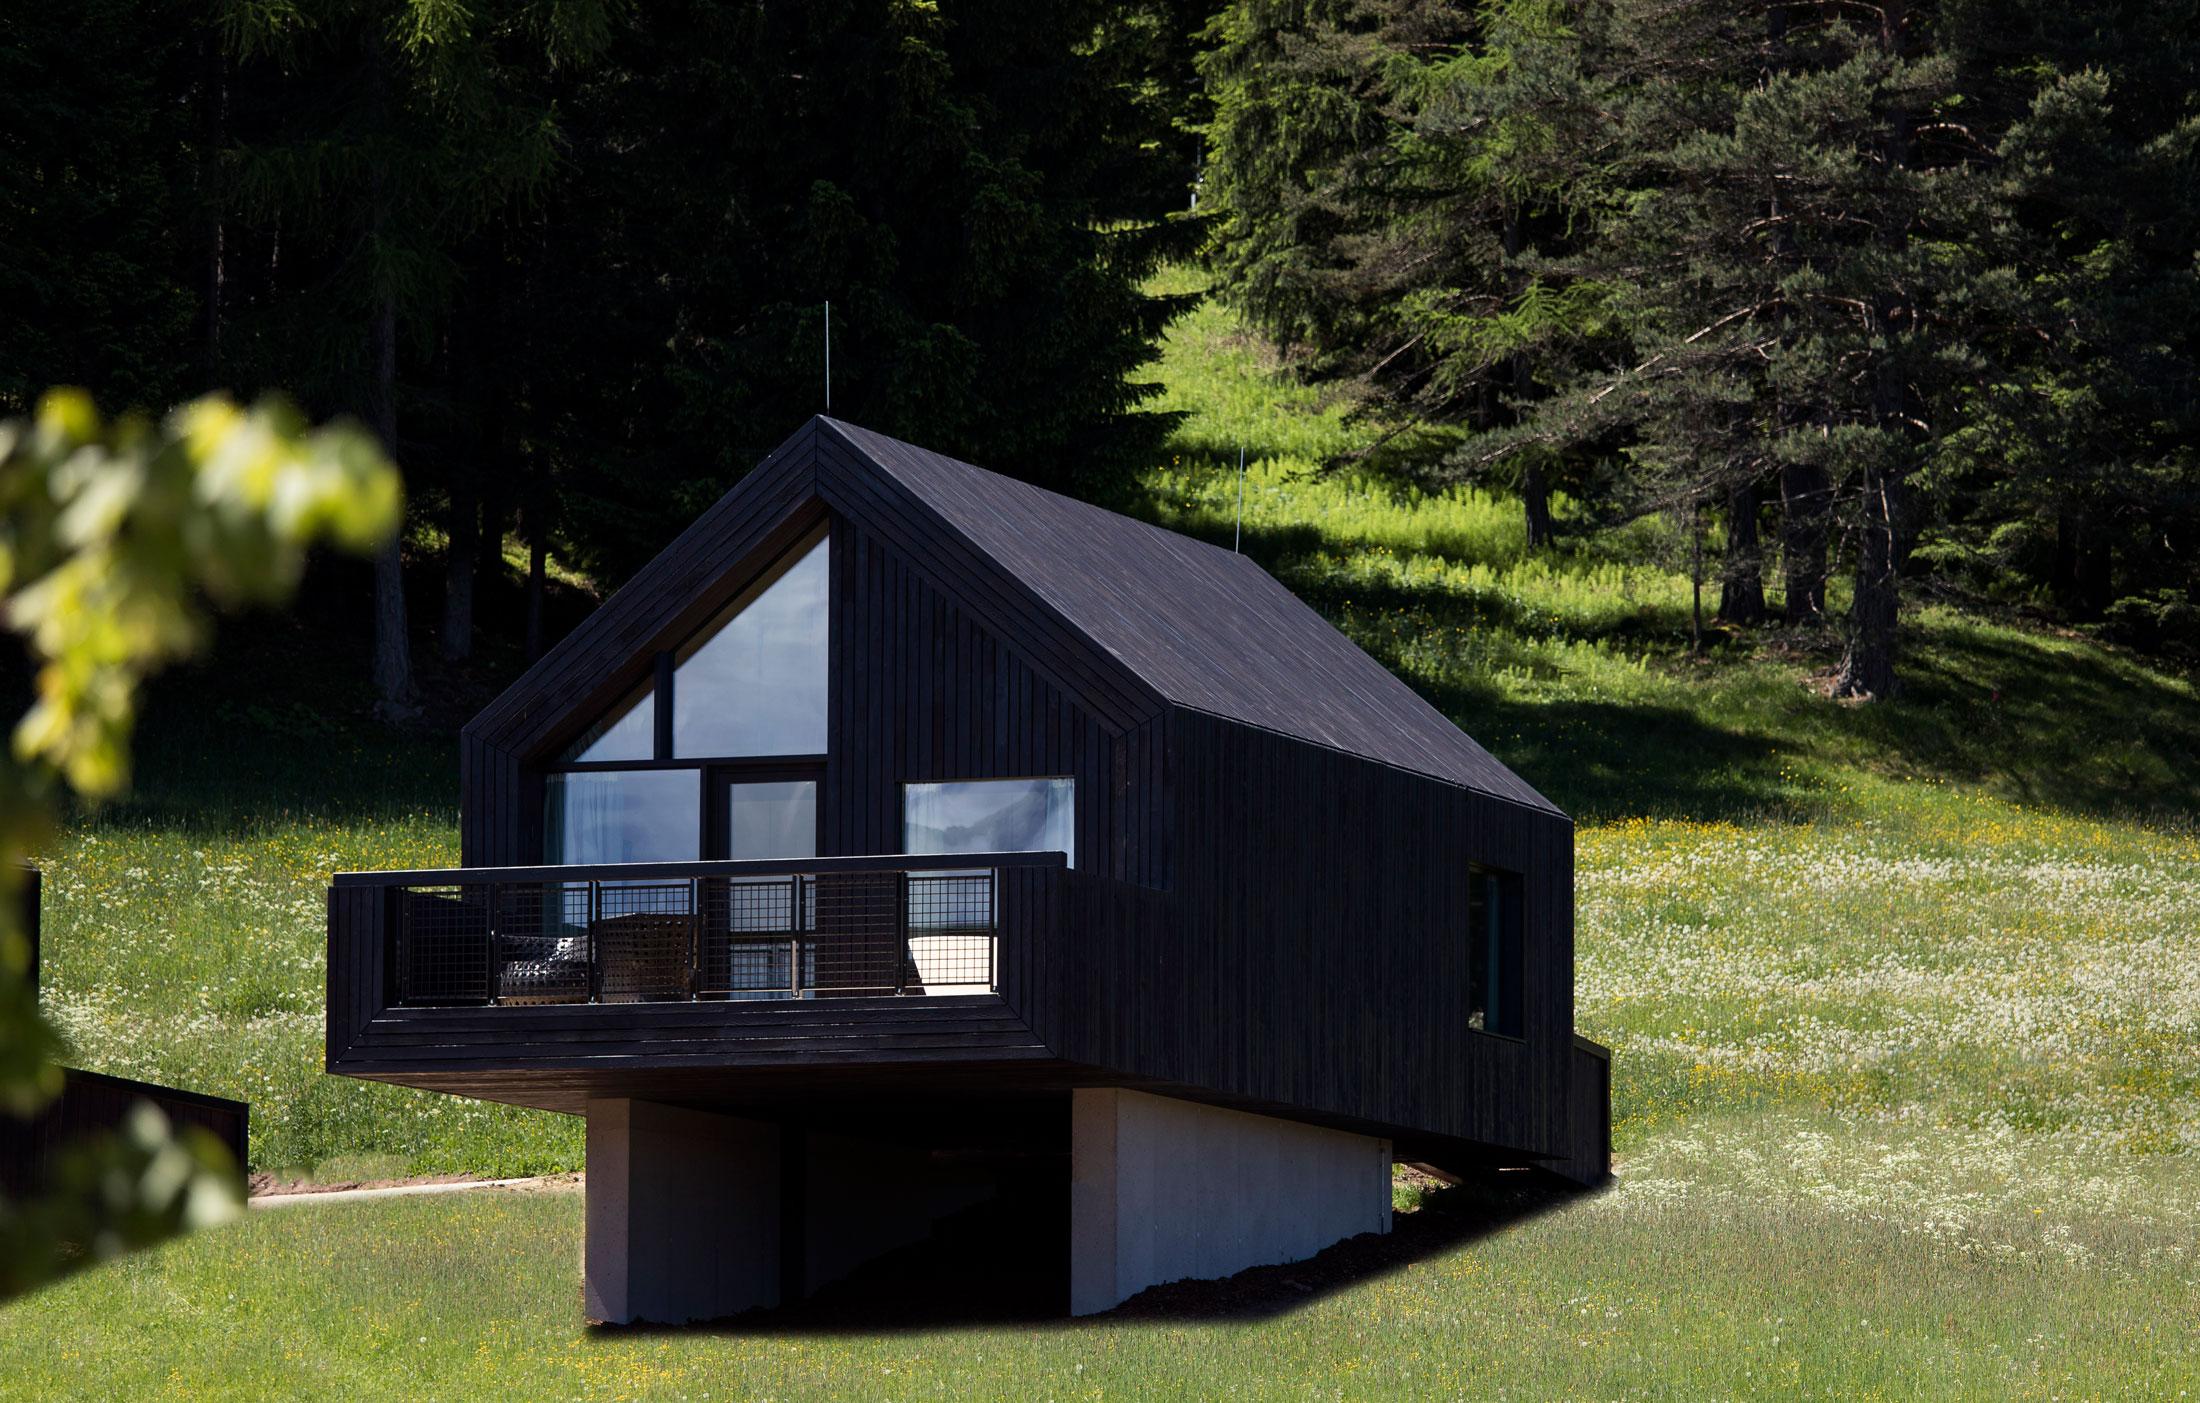 Hotel pf sl vista dolomiti tra tradizione alpina e design for Design della casa di 850 piedi quadrati